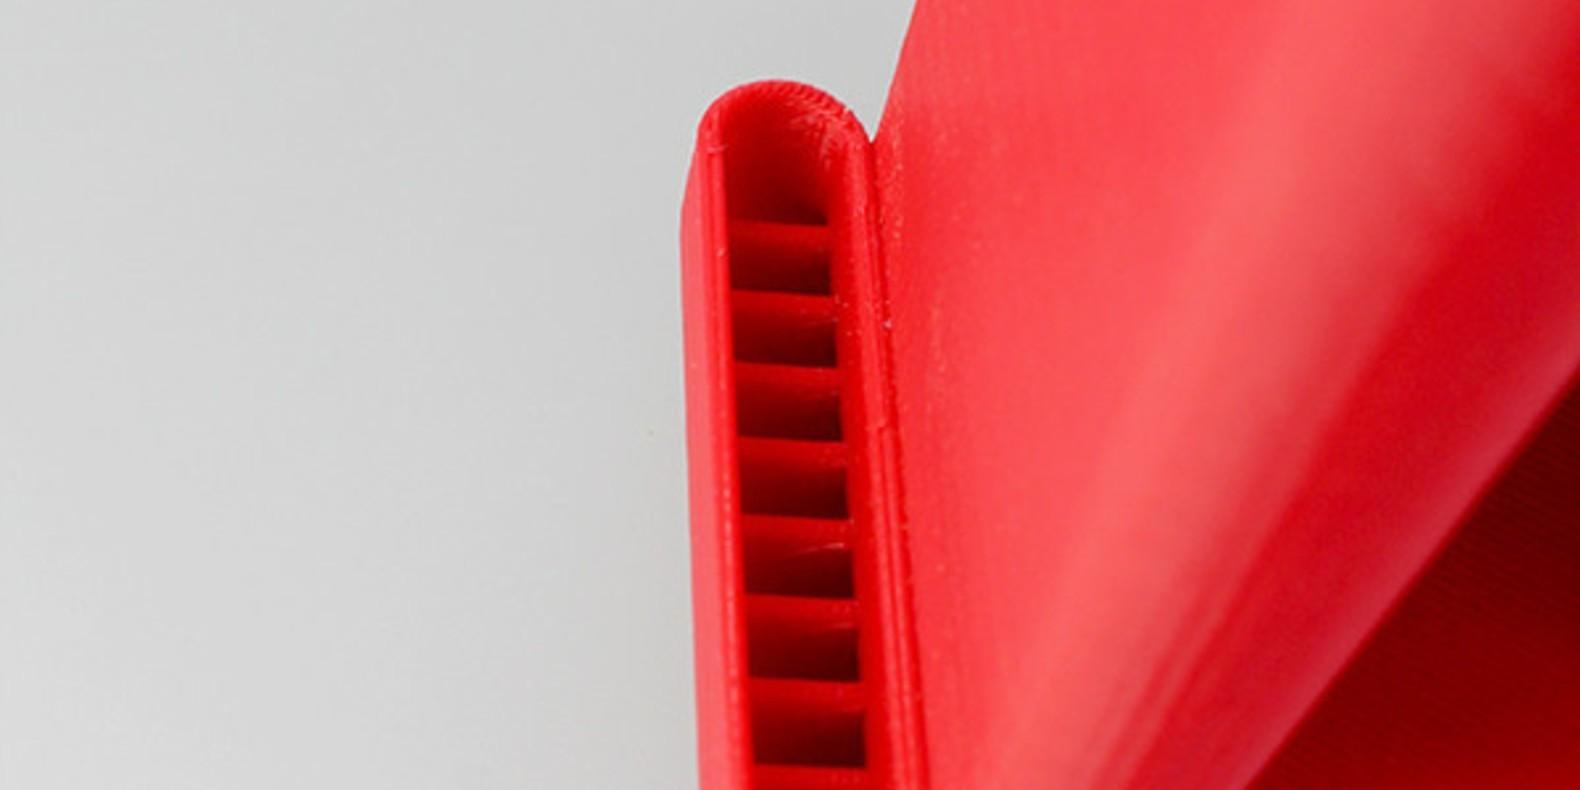 flared phone amplifier iphone gramophone retro 3D printed stl file fichier STL cults impression 3D amplificateur de son imprimé en 3D